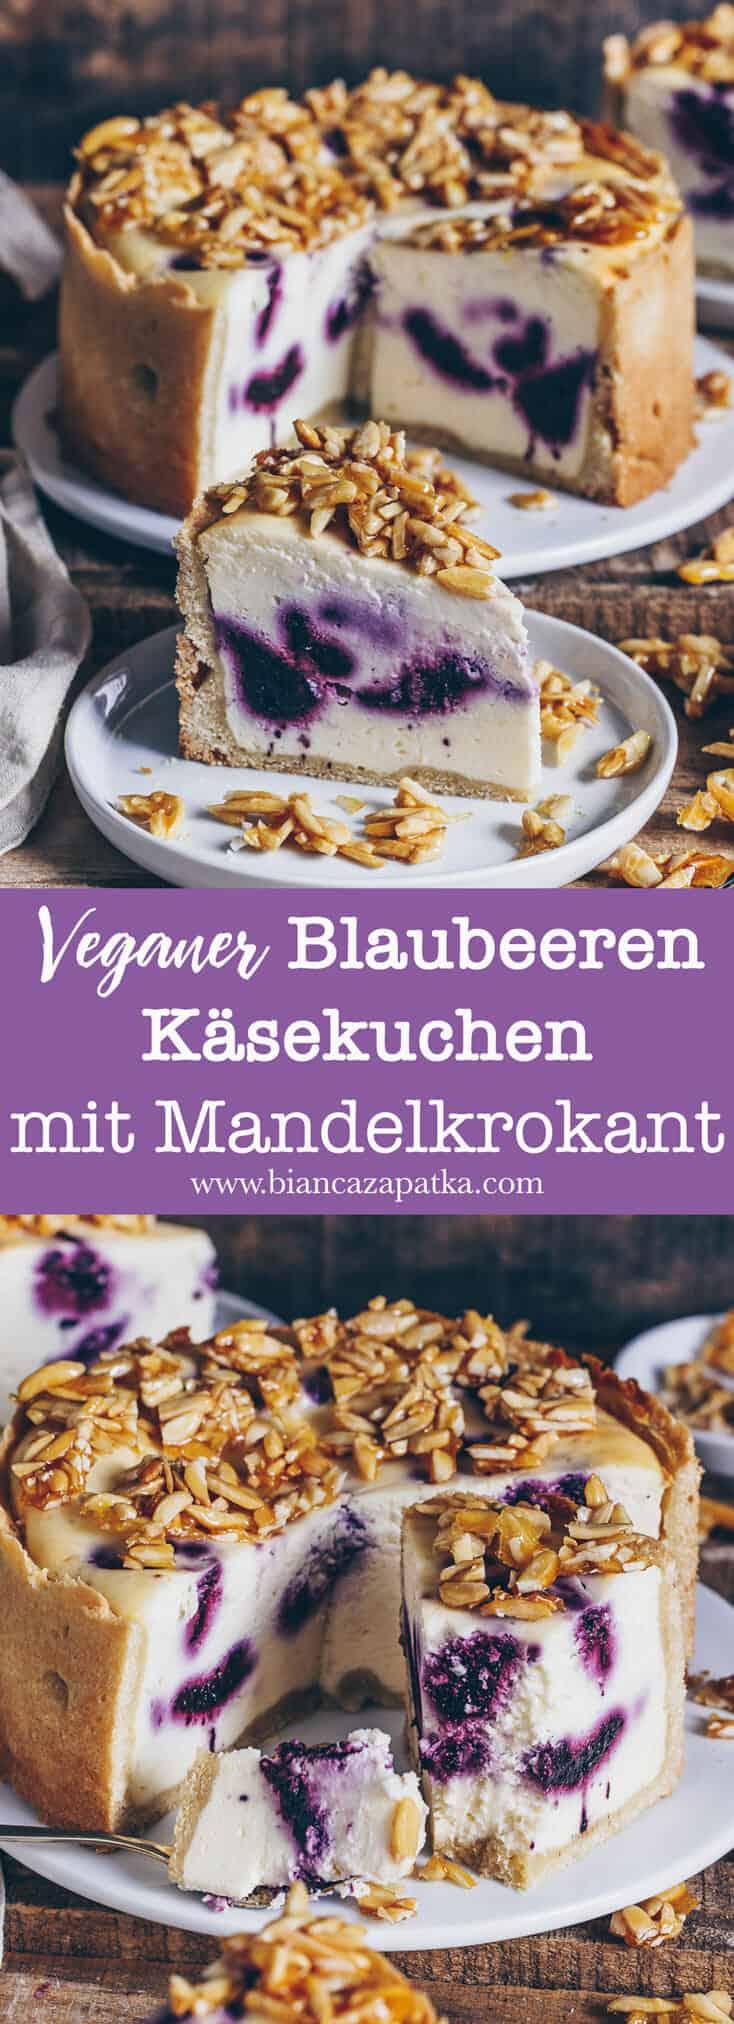 Veganer Blaubeeren Käsekuchen mit knusprigem Mandel-Topping. Dieser Kuchen ist nicht nur ein Hingucker, sondern auch ein wahrer Gaumenschmaus.